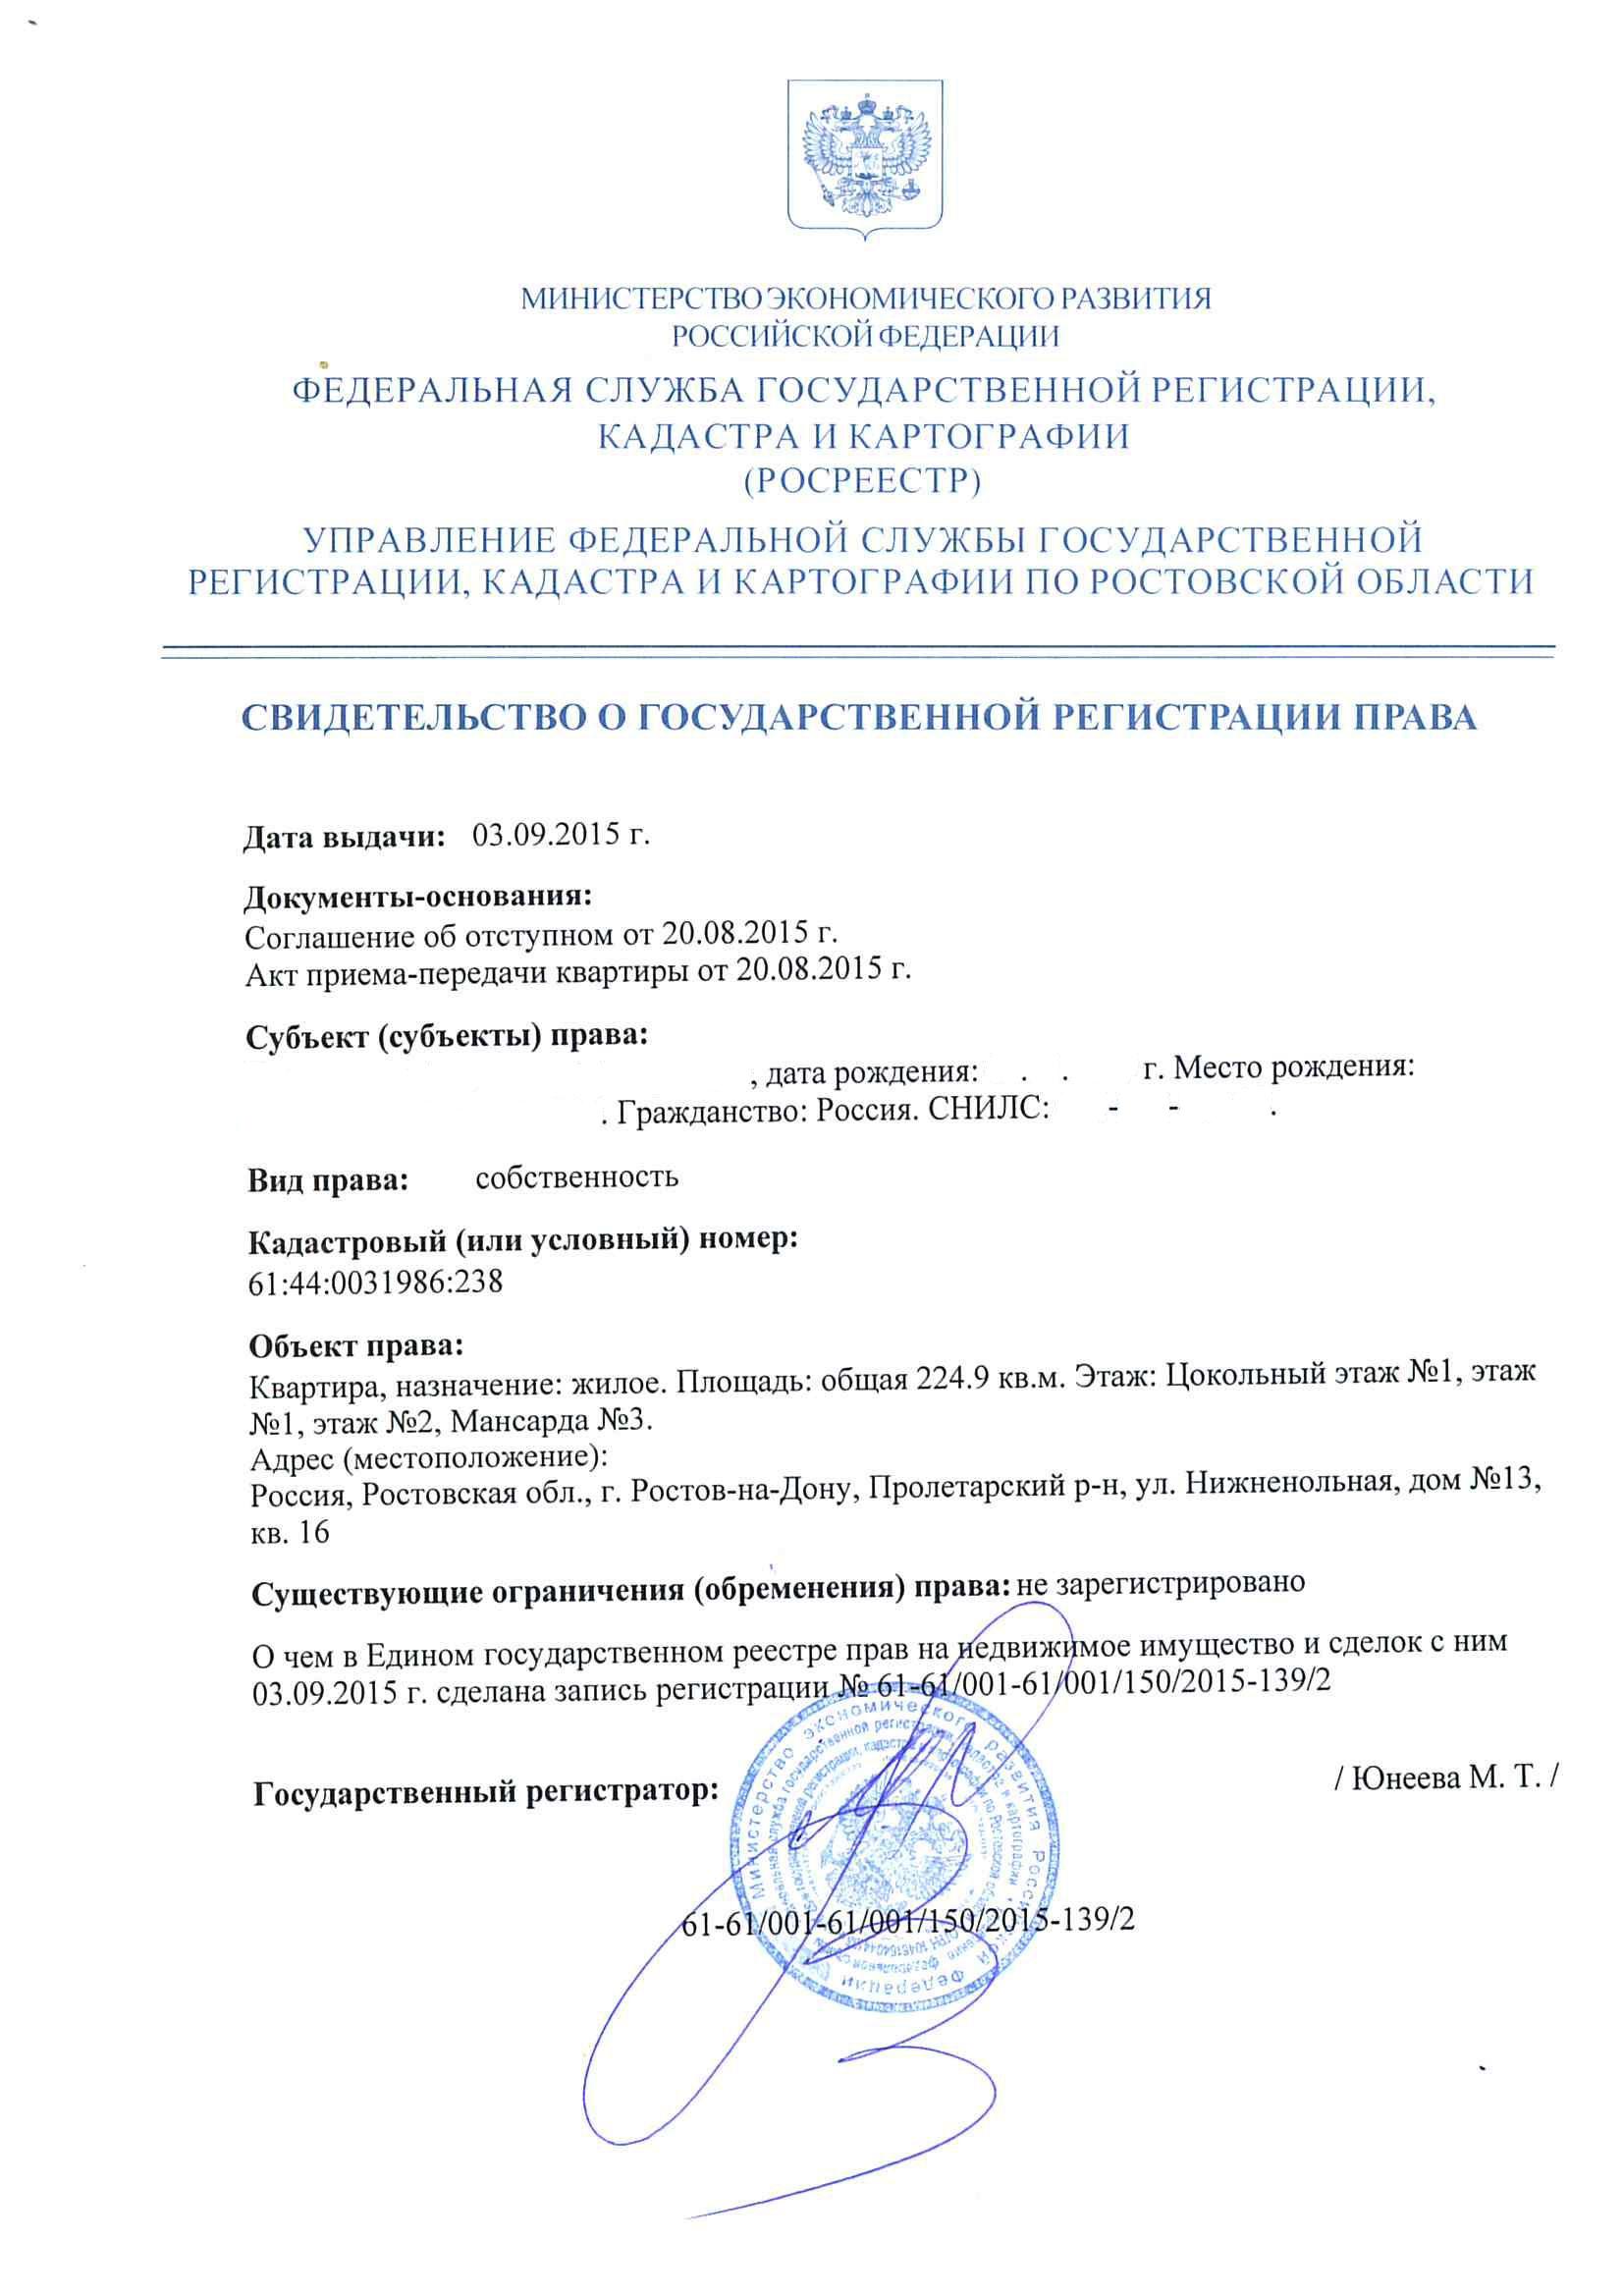 Свидетельство о гос регистрации квартира 16